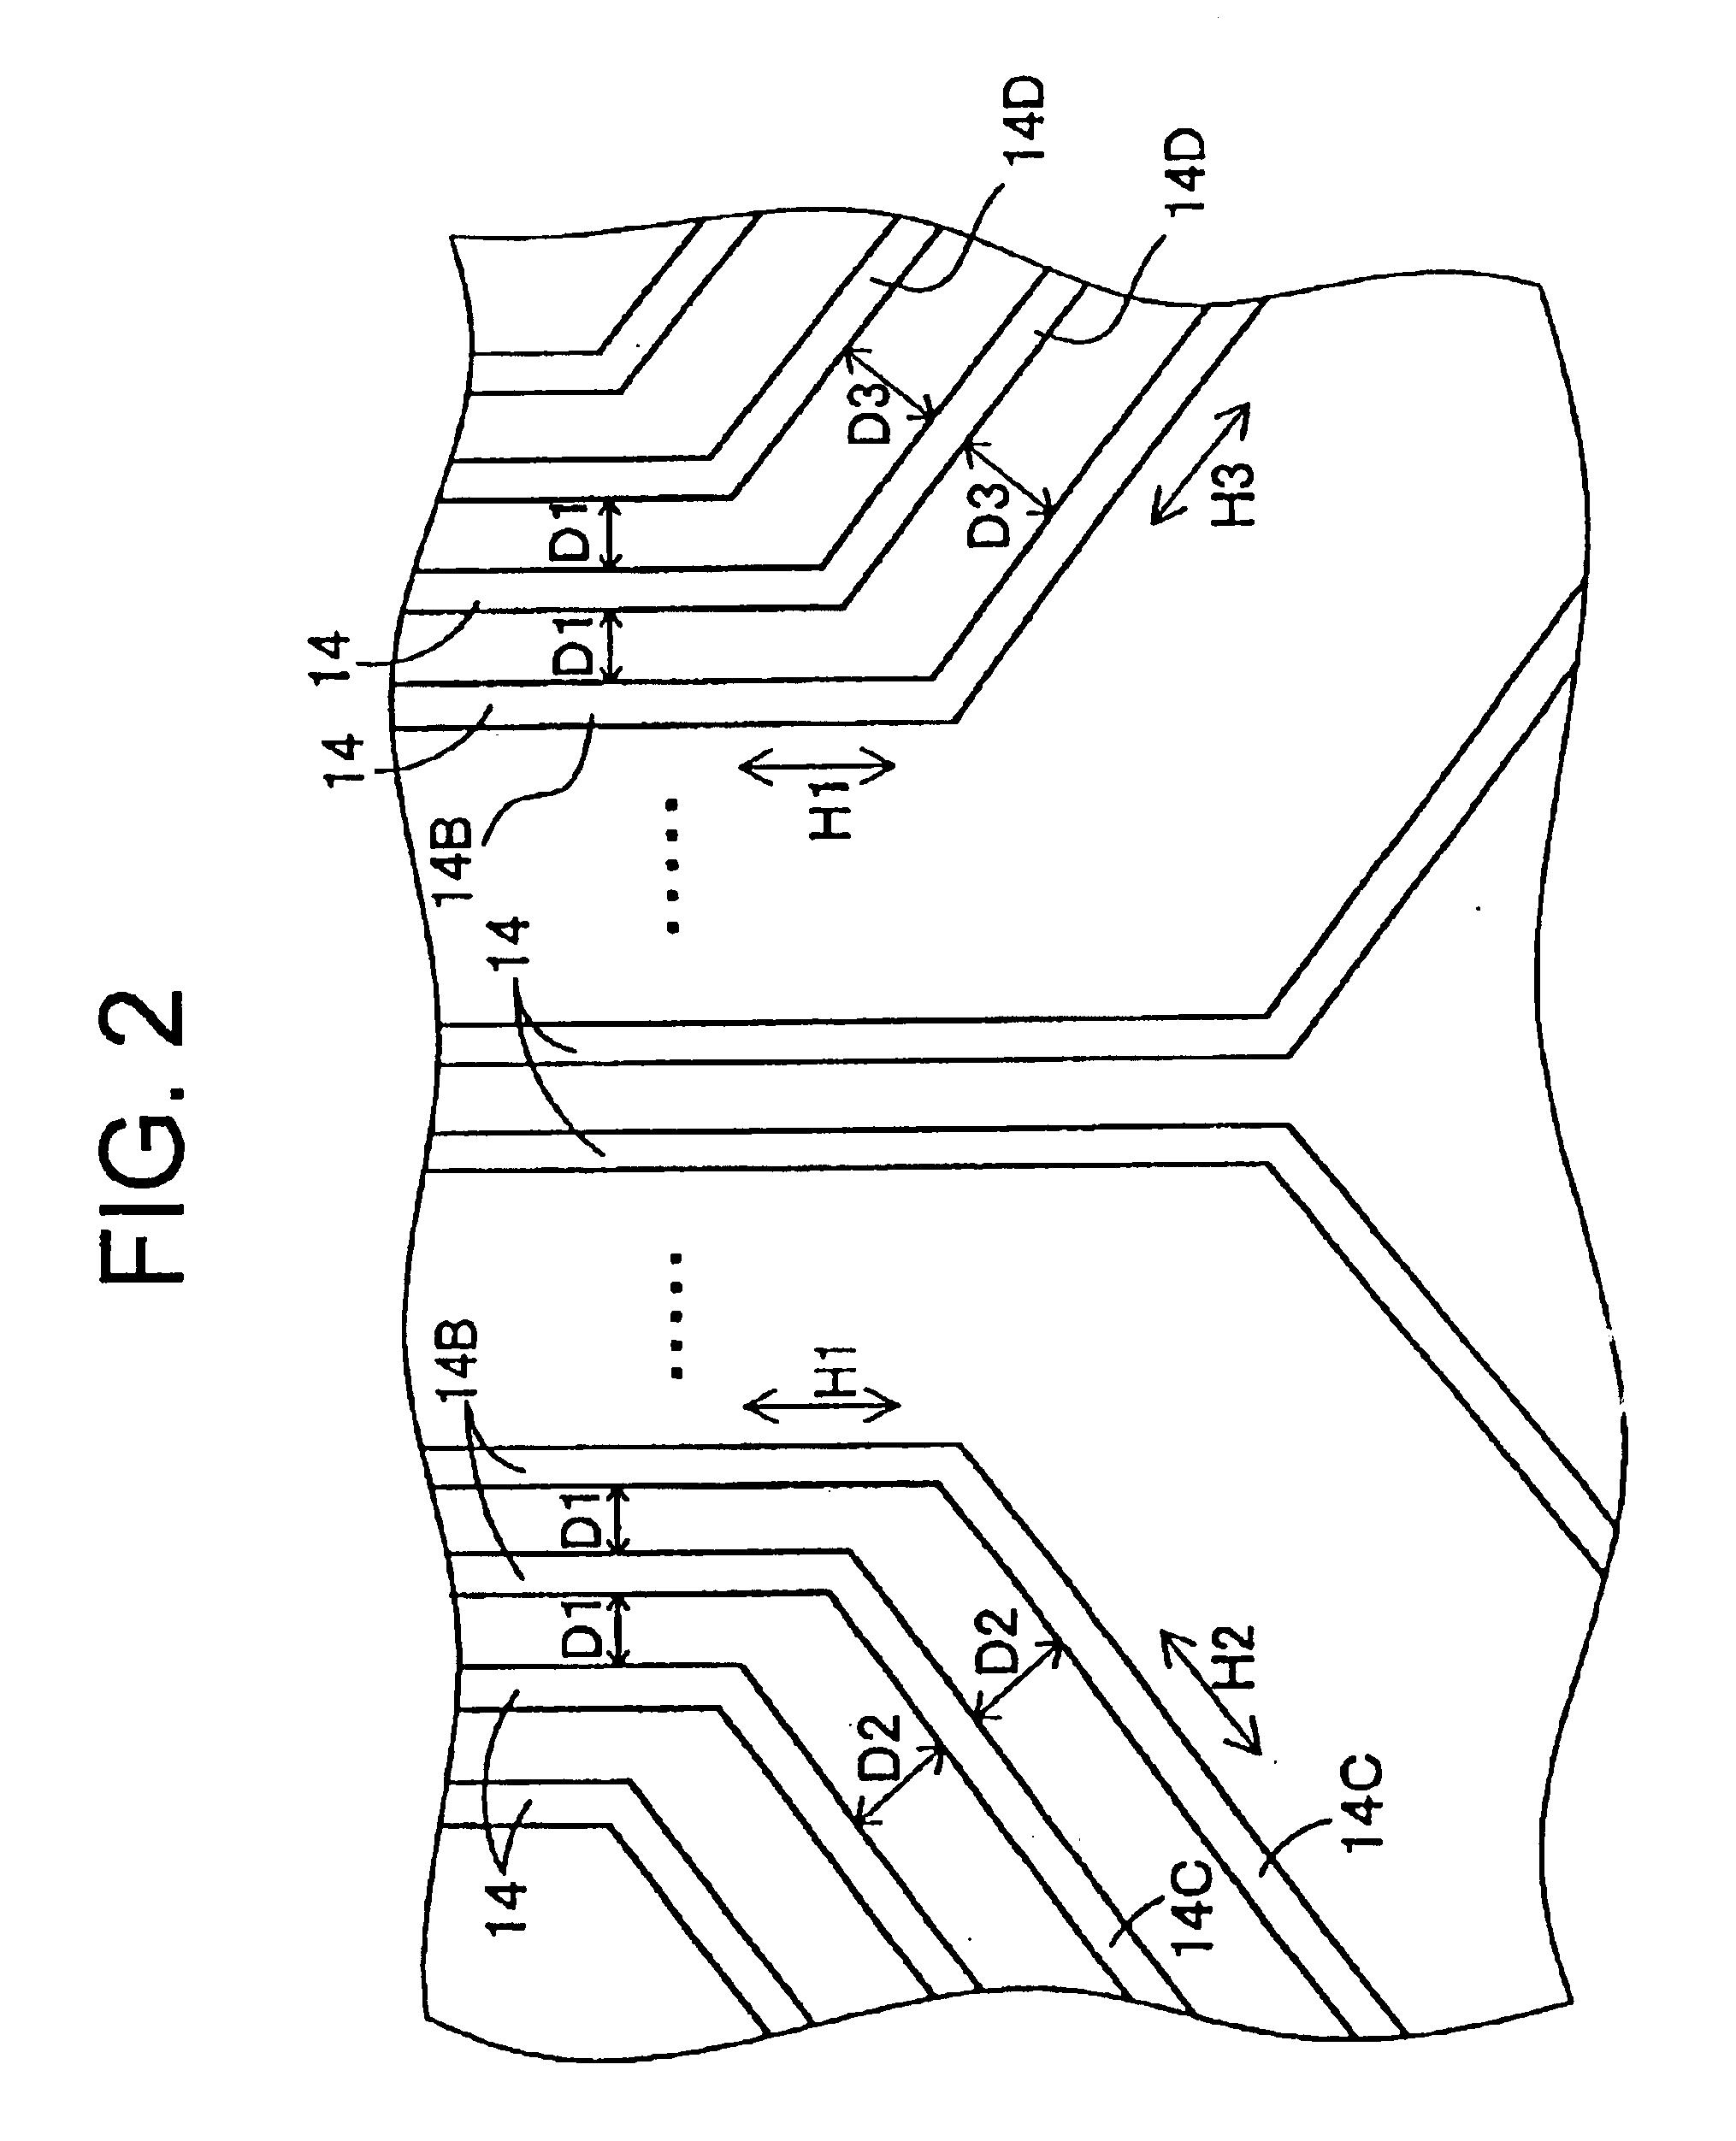 patent us6740975